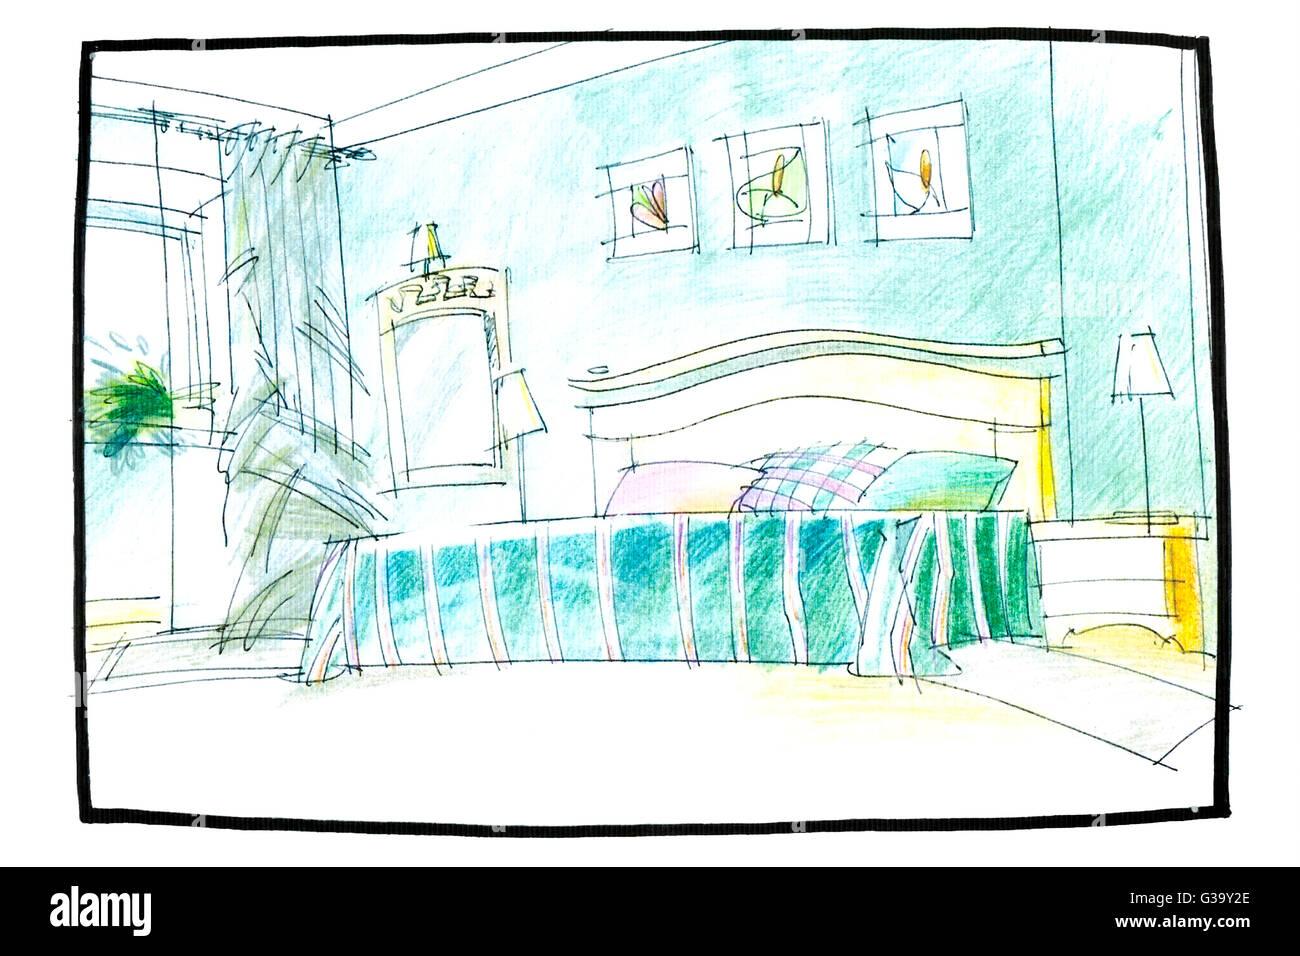 Gro z gig schlafzimmer zeichnen galerie die kinderzimmer for Innenraum design programm kostenlos